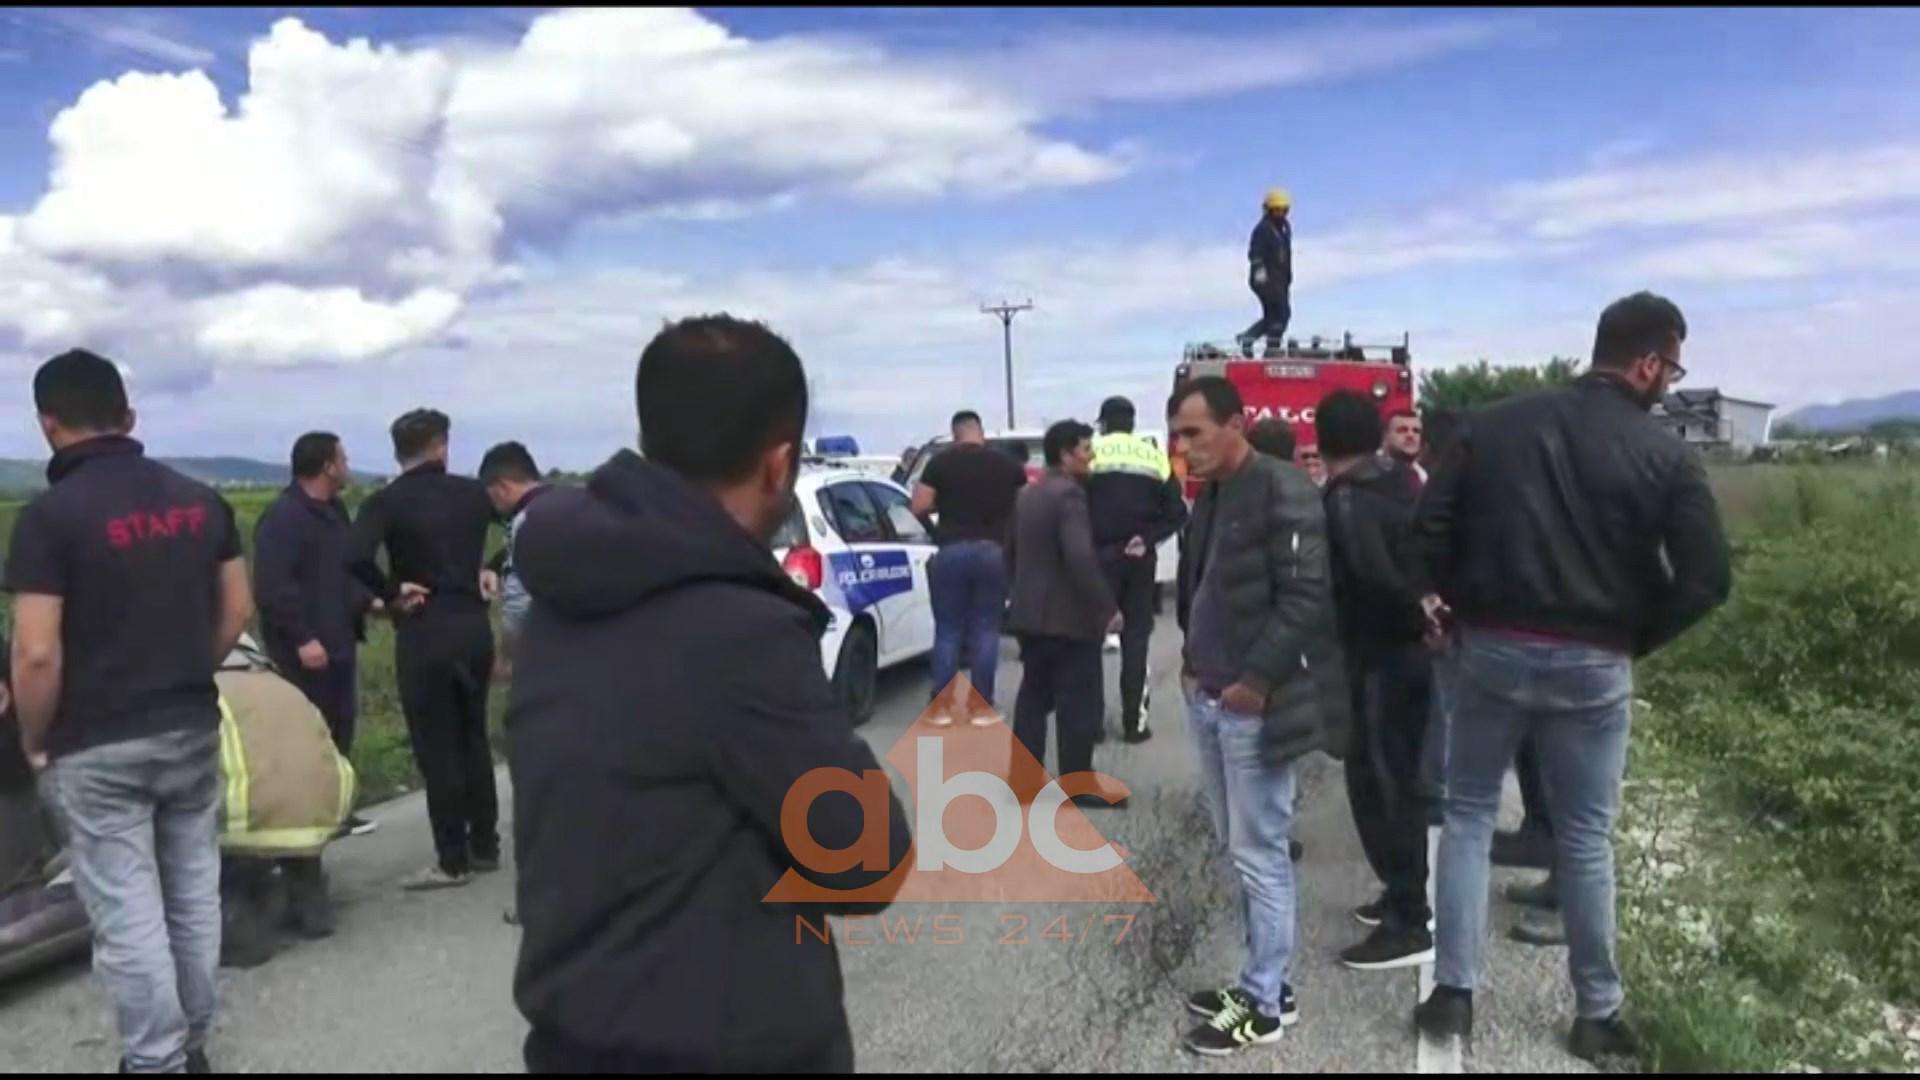 Aksidente në Fushë Krujë dhe Këlcyrë, plagosen 5 persona (video)